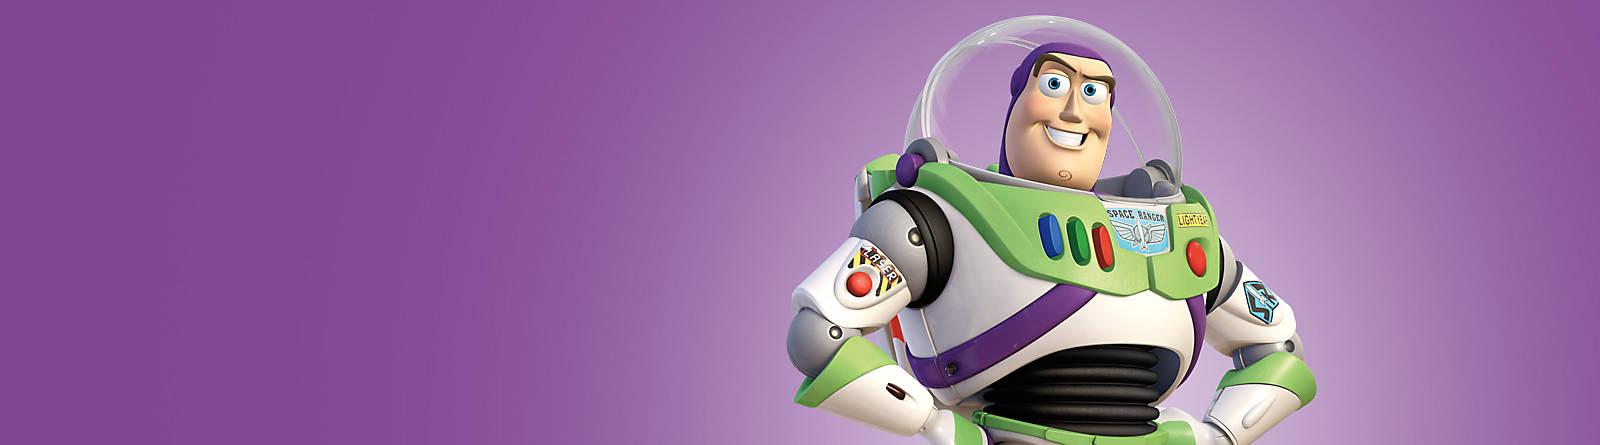 Buzz l'Eclair Buzz l'Éclair est le jouet intergalactique préféré de Andy. Amusez-vous aussi avec lui grâce à notre gamme de produits son image !